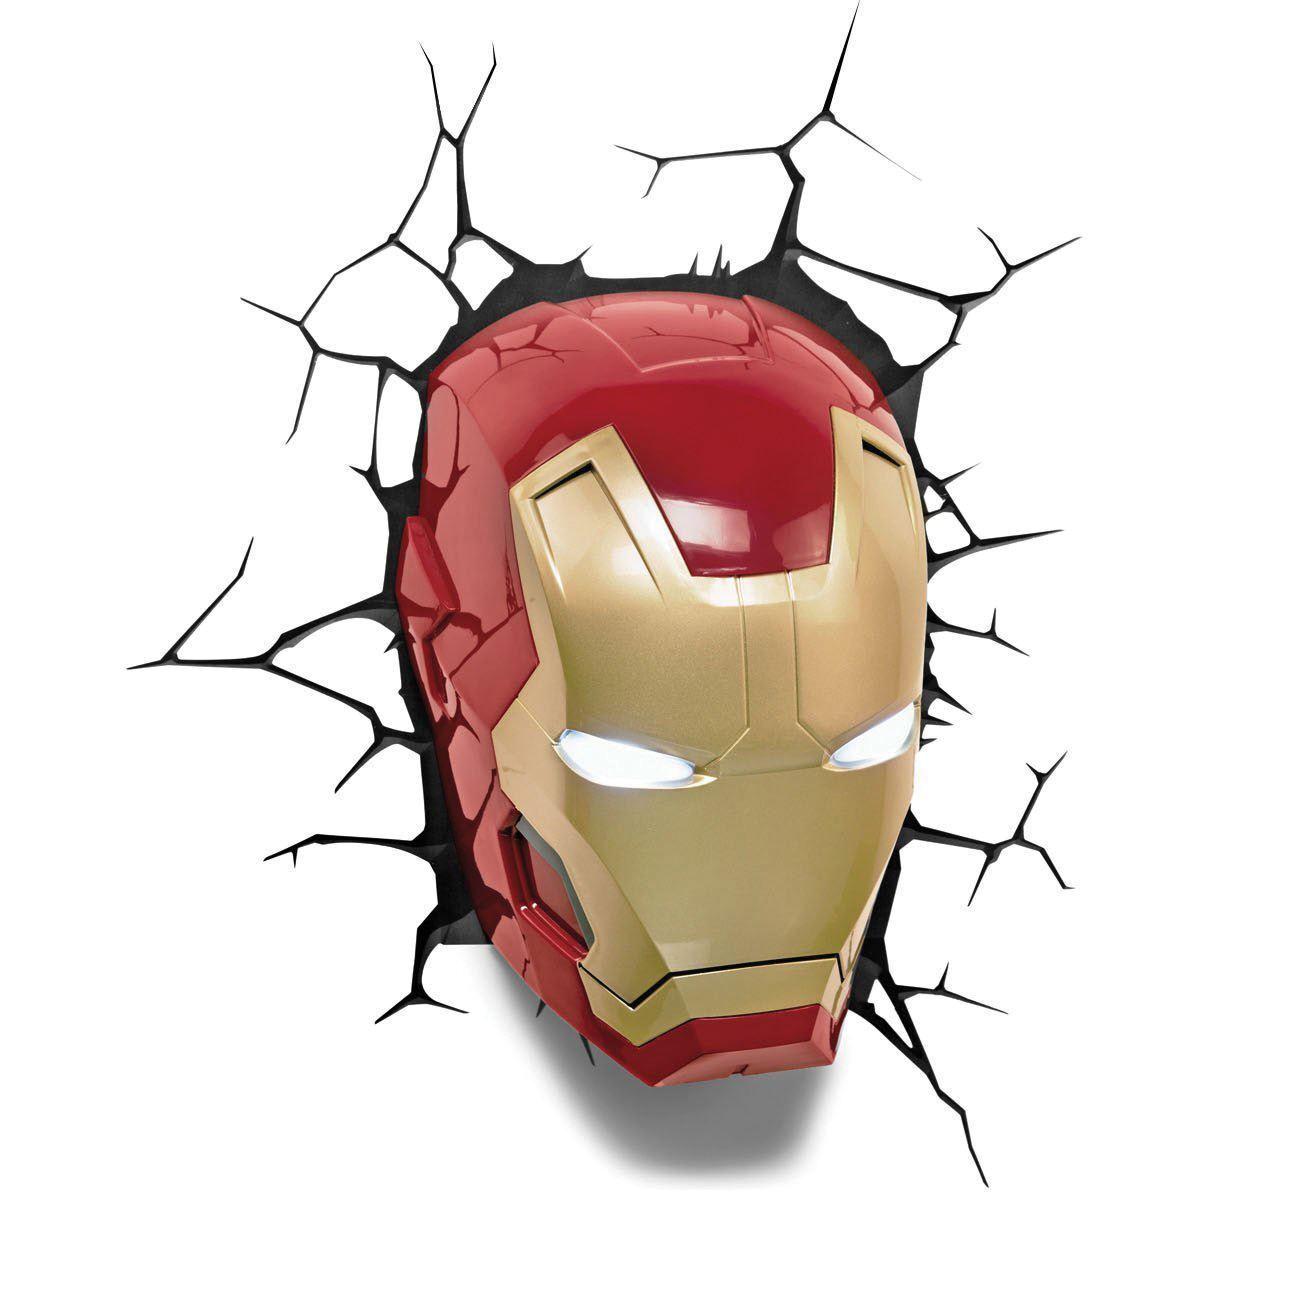 Marvel Iron Man Maske 3d Fx Licht Wand Dekoration Led mit Aufkleber | Ausgezeichnet (in) Qualität